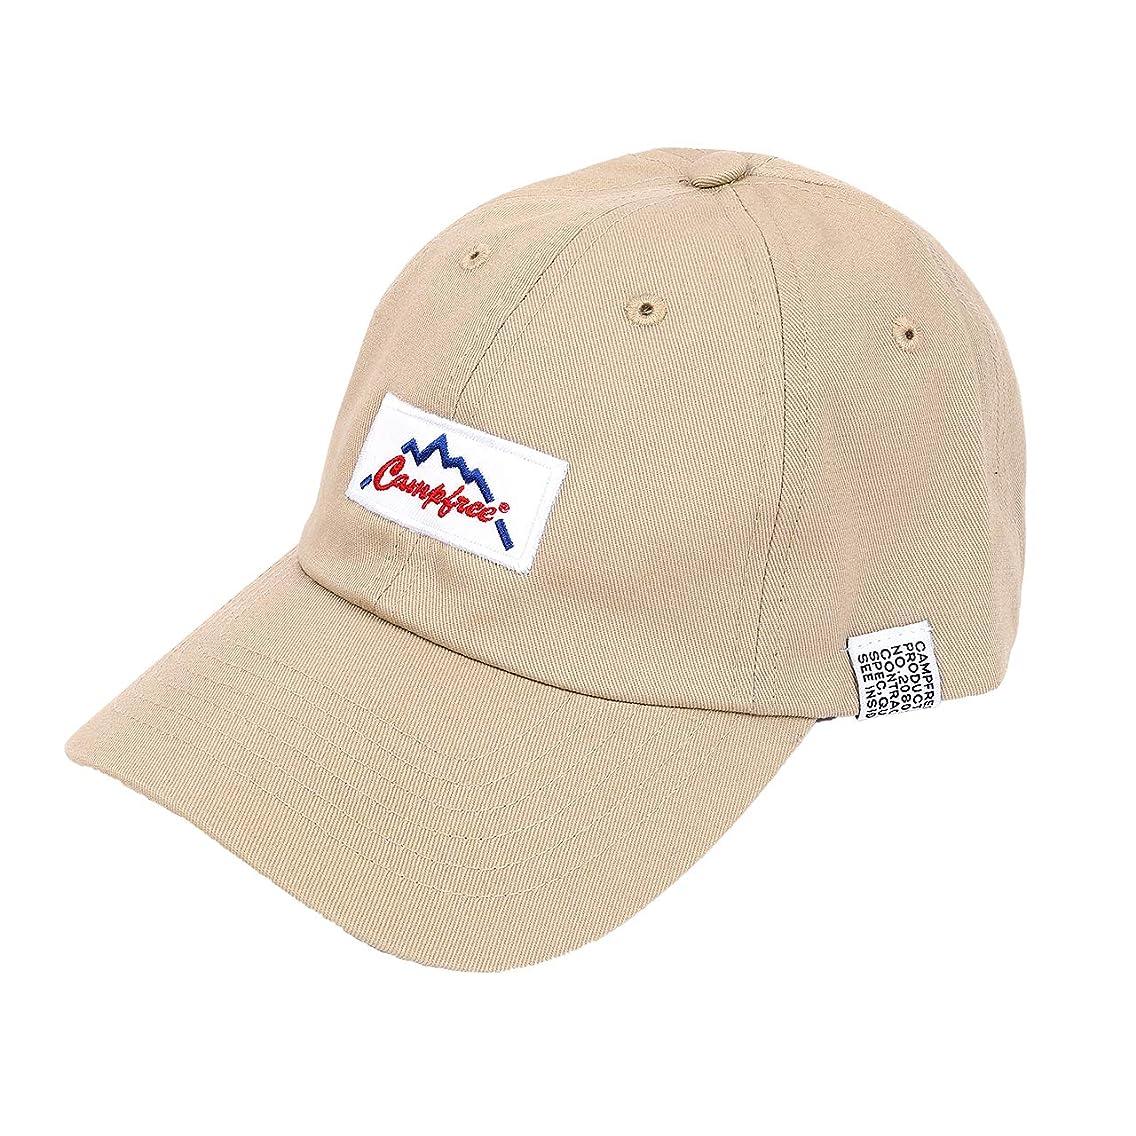 マーガレットミッチェル視聴者限定[キャンプフリー] CAMPFREE コットンツイル ローキャップ (ワッペン ロゴ) [ 綿 コットン ツイル ] キャップ 帽子 22225